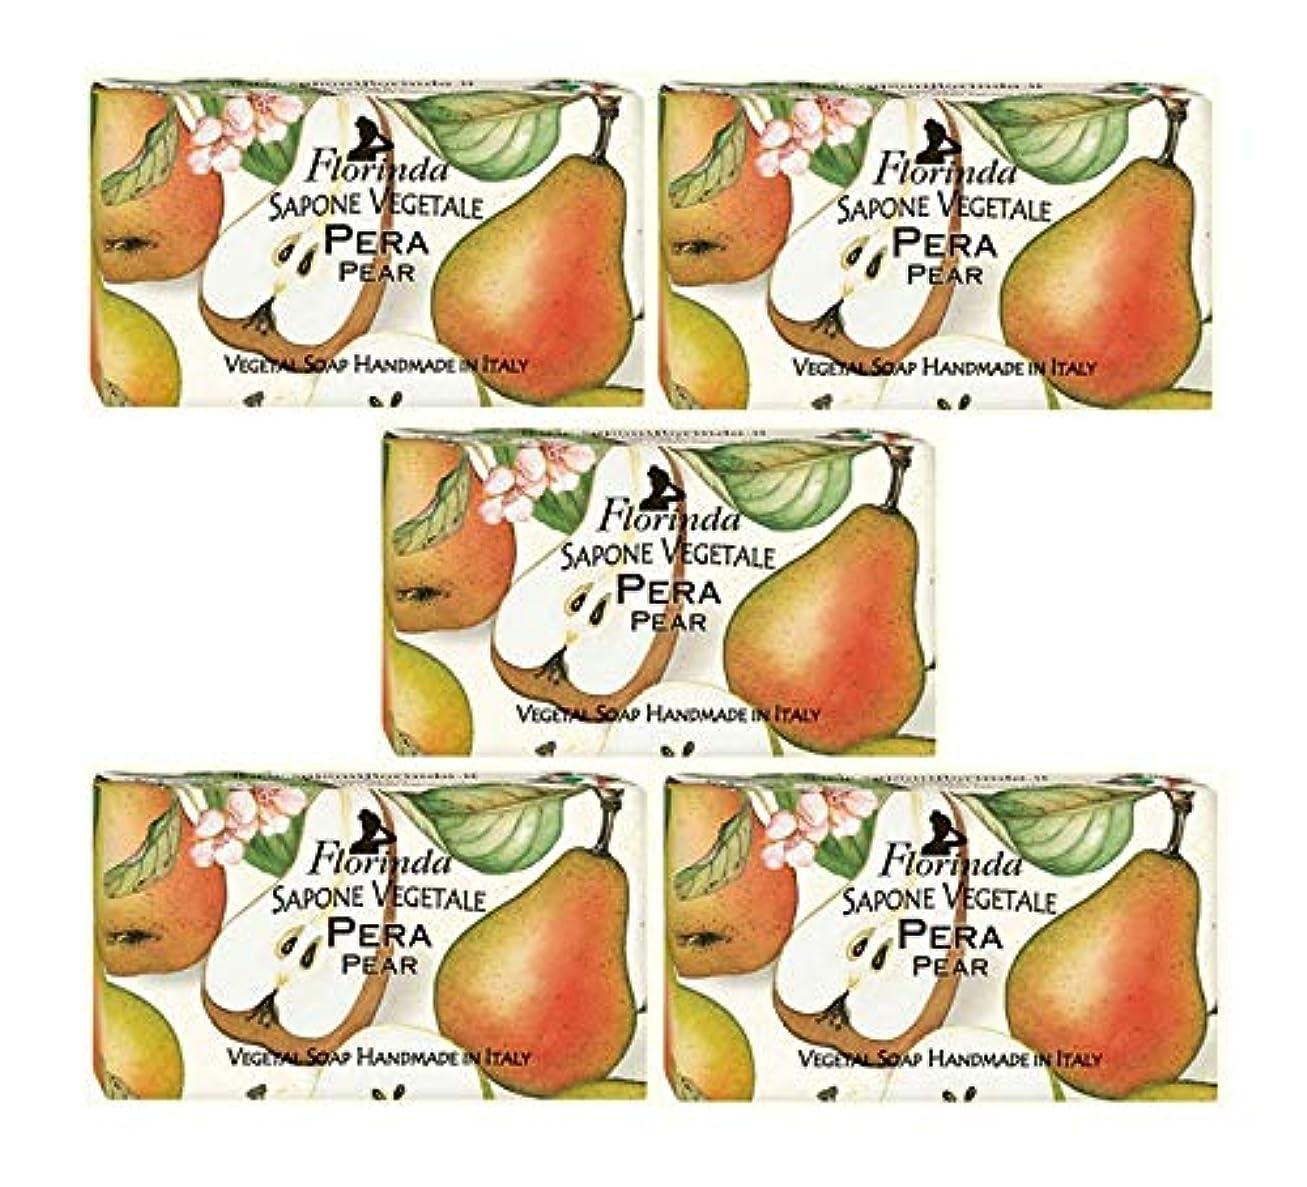 アパート拮抗素人フロリンダ フレグランスソープ 固形石けん フルーツの香り ペア 95g×5個セット